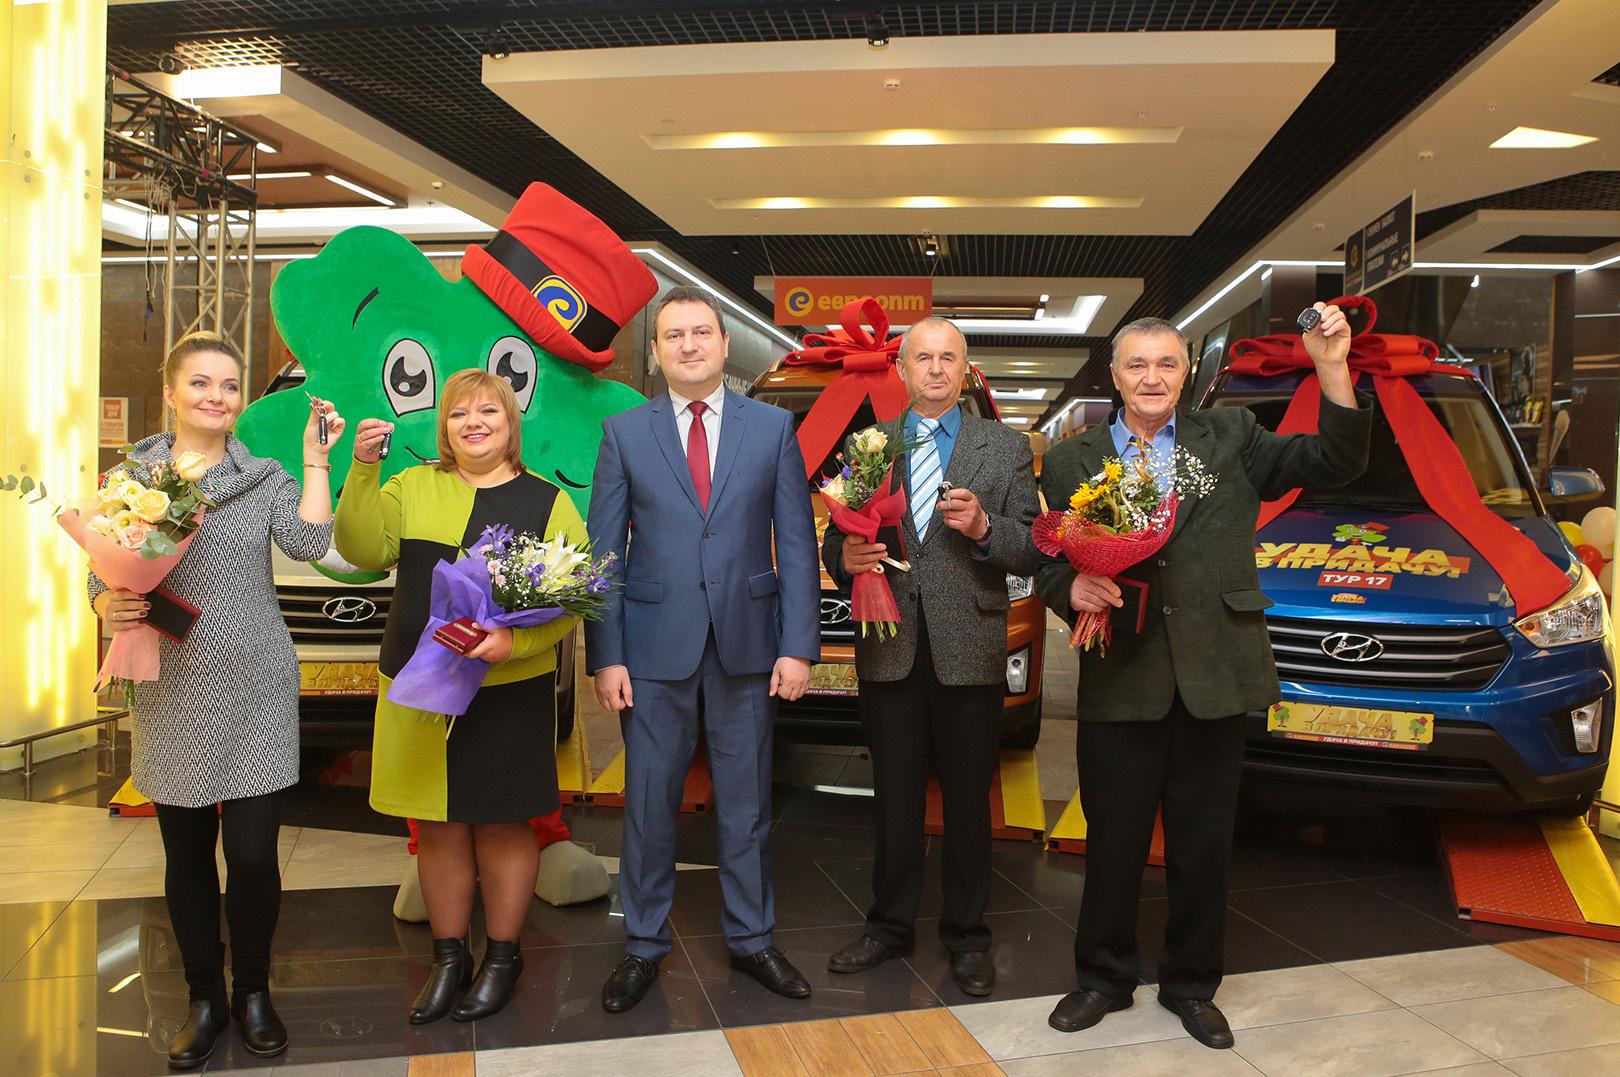 """Директор интернет-магазина """"Е-доставка"""" Василий Вилько вручил призы победителям."""